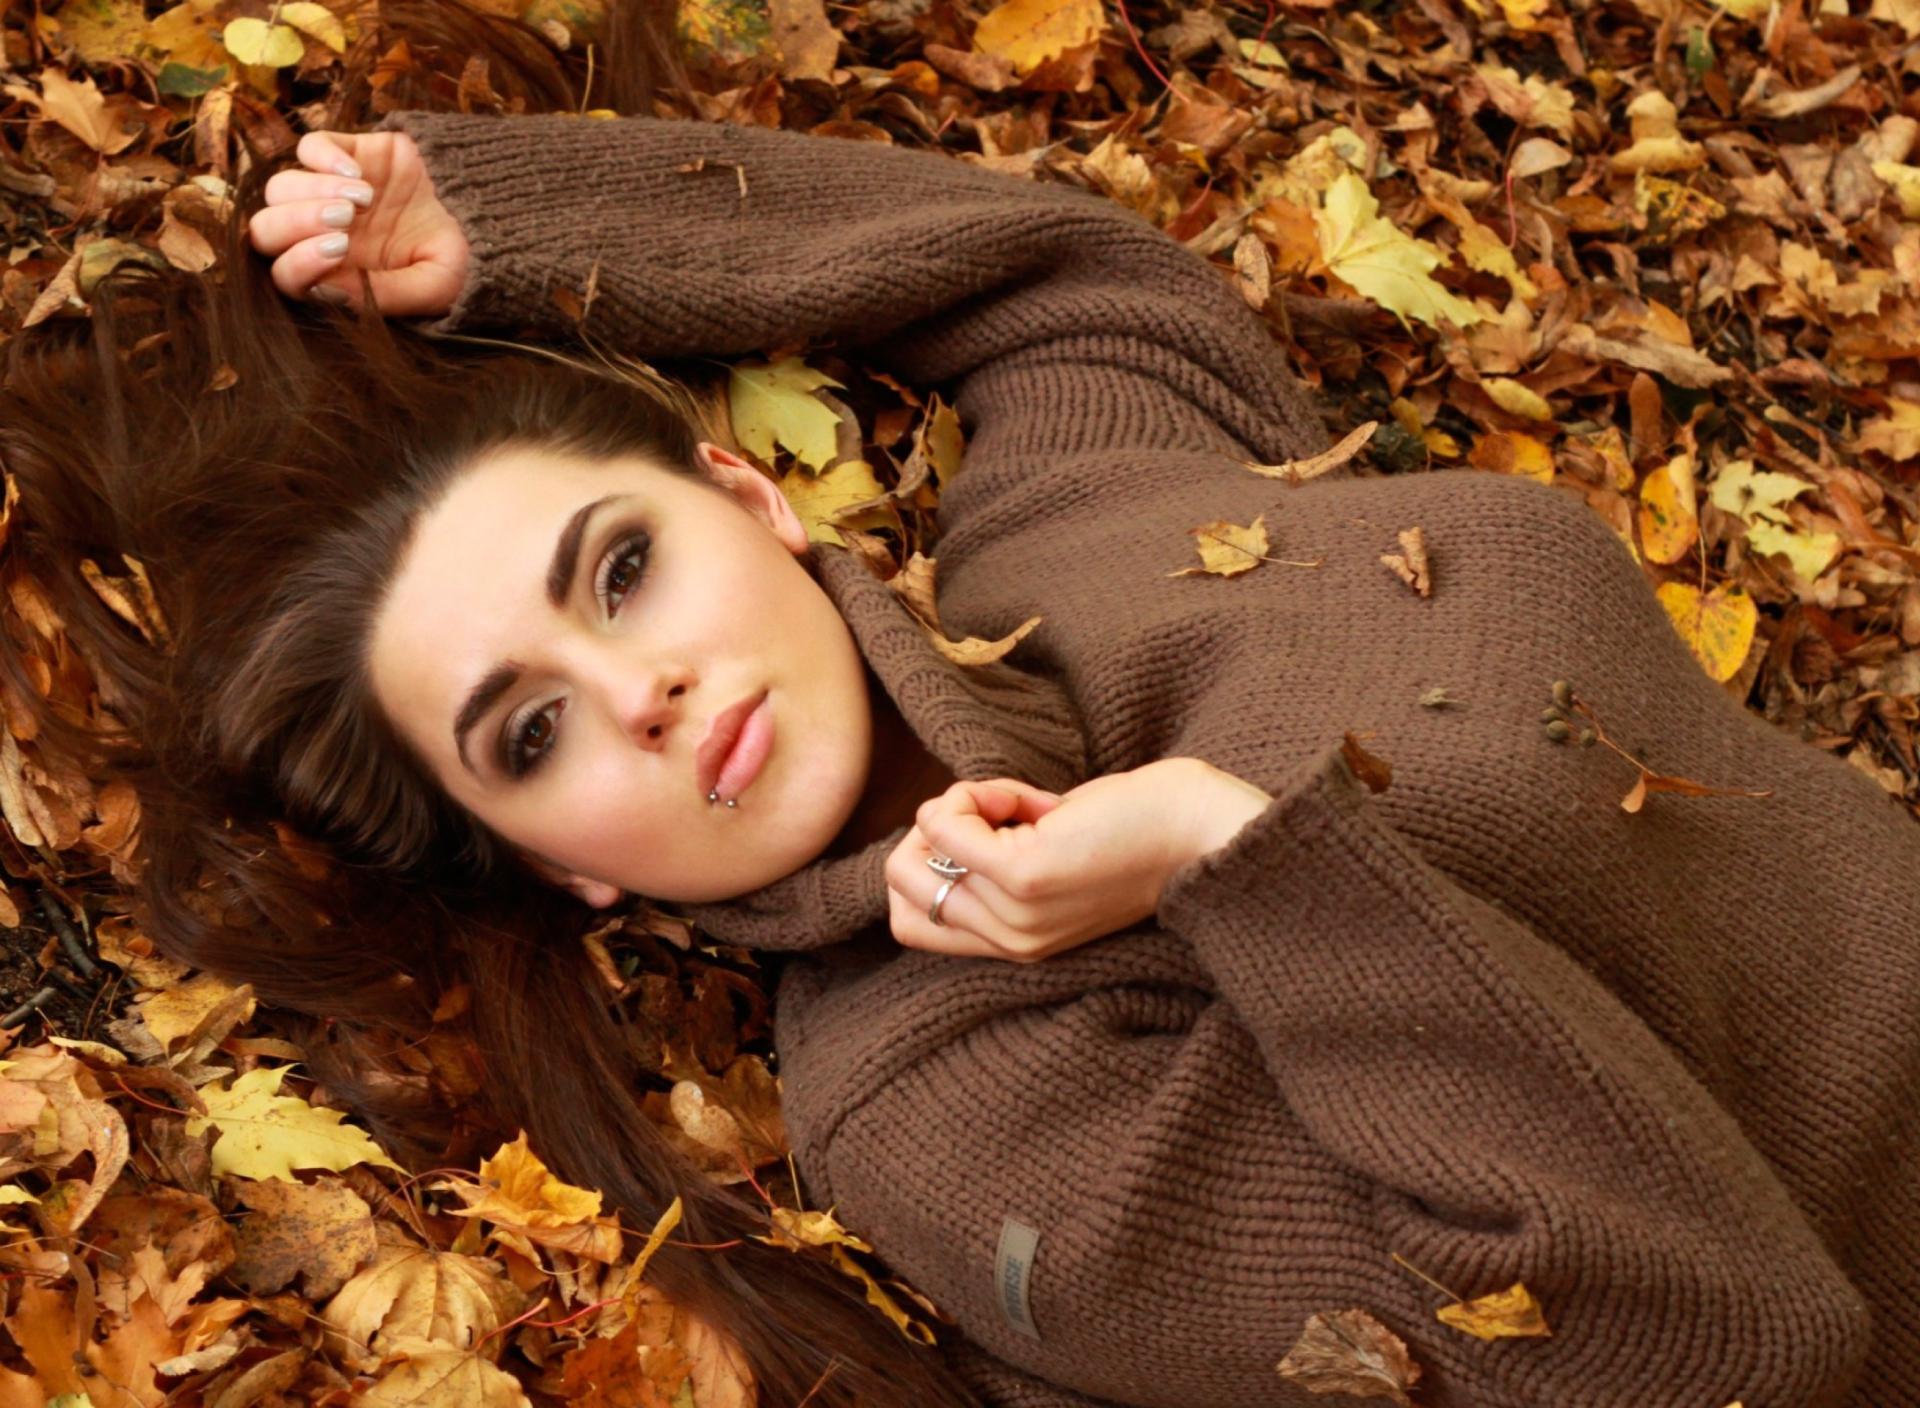 девушка листва осень лес кофта бесплатно